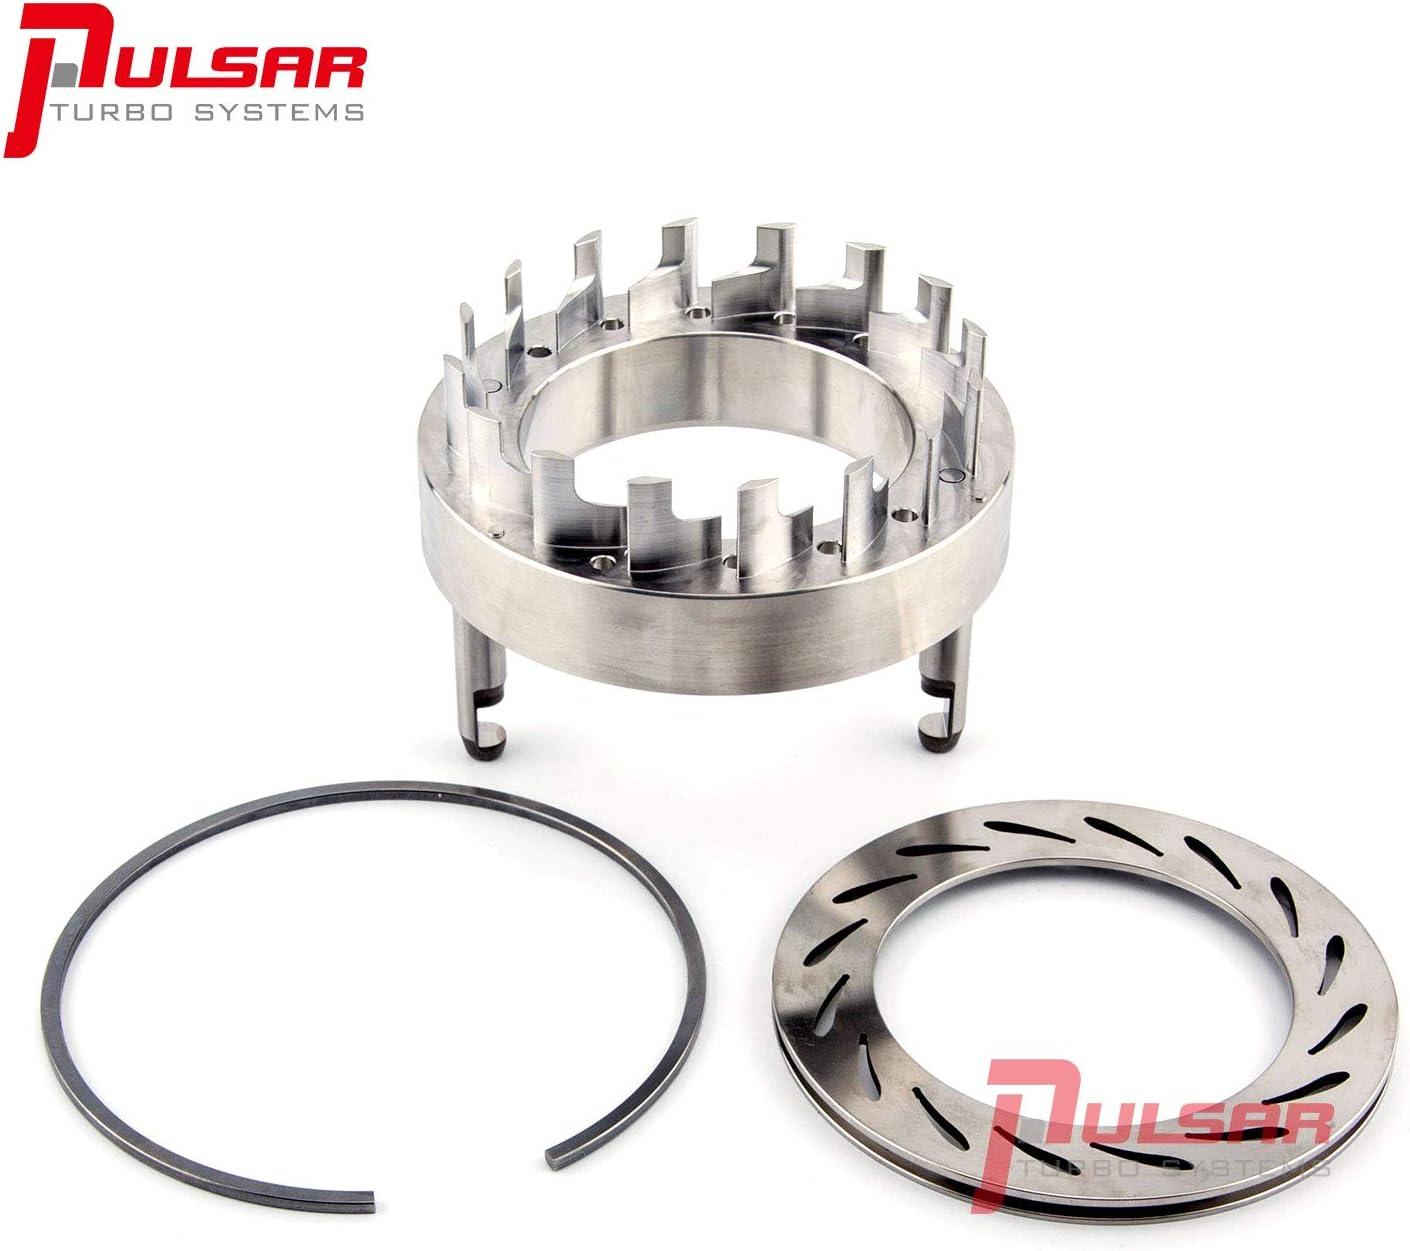 PULSAR 04.5-19 Dodge Ram Cummins 5.9 6.7 HE351CW HE351VE HE300VG Turbo Billet Compressor Wheel